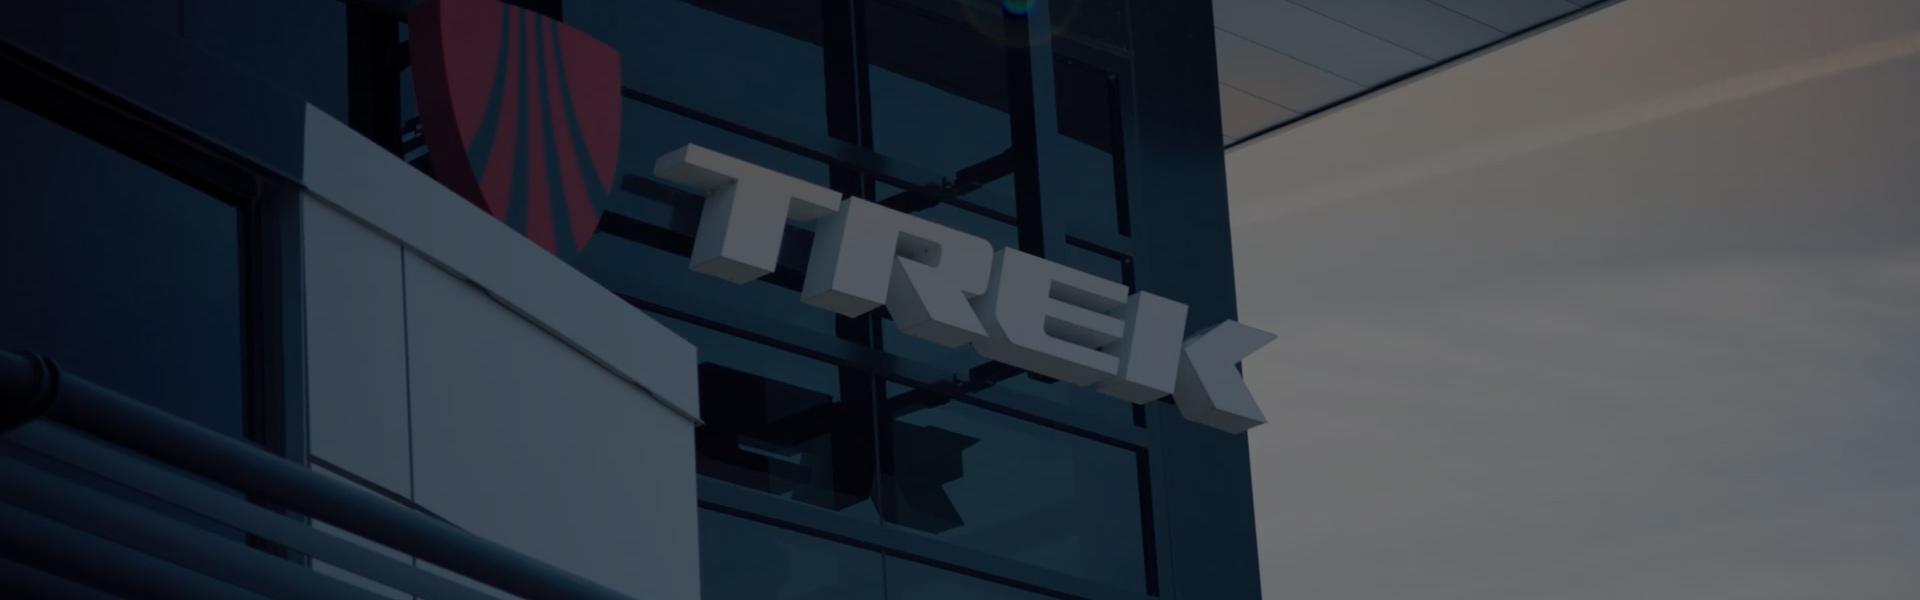 trek-video